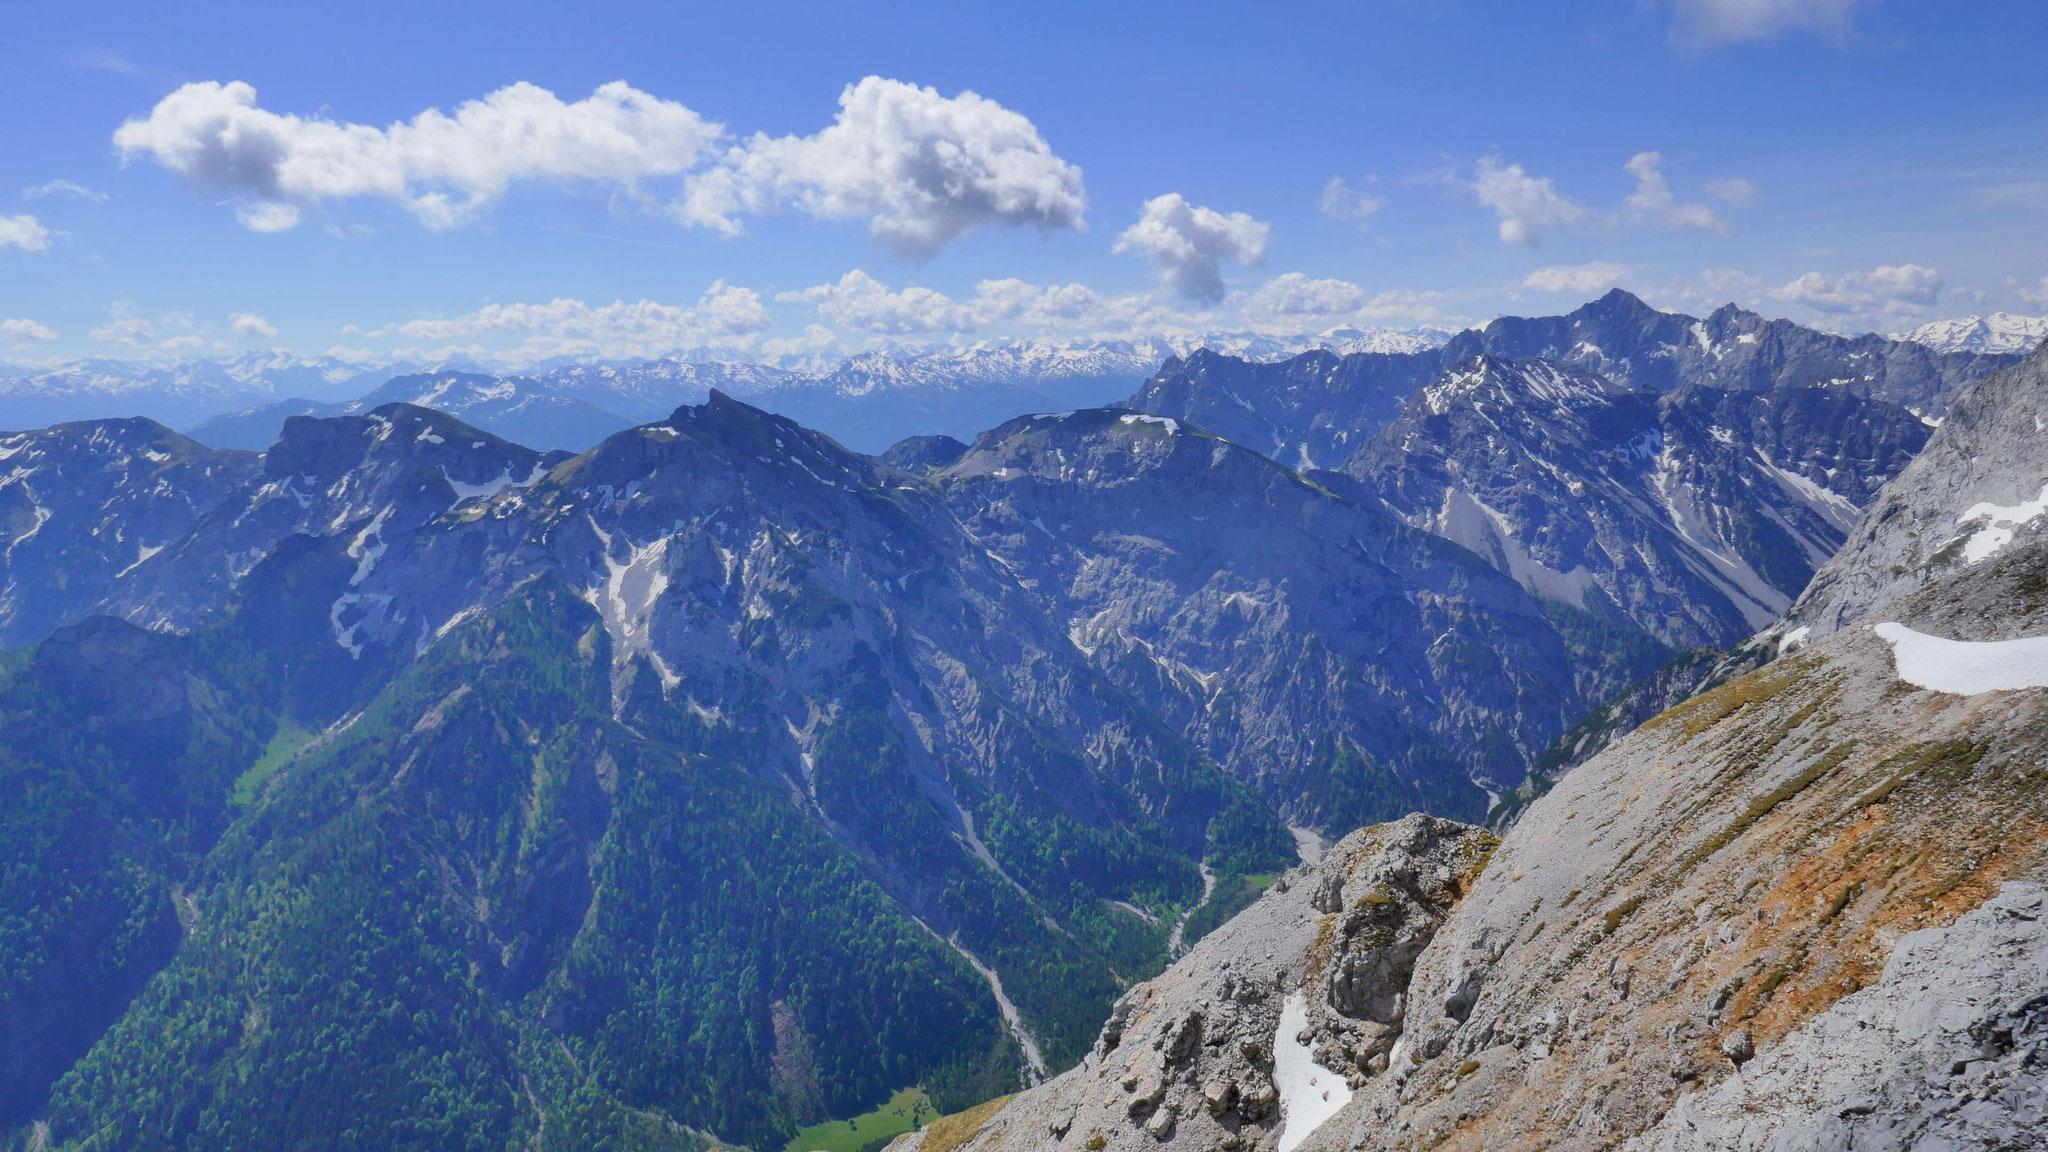 Raue-Knöll-Verzweigung, dahinter Hochnissl und Tuxer Alpen